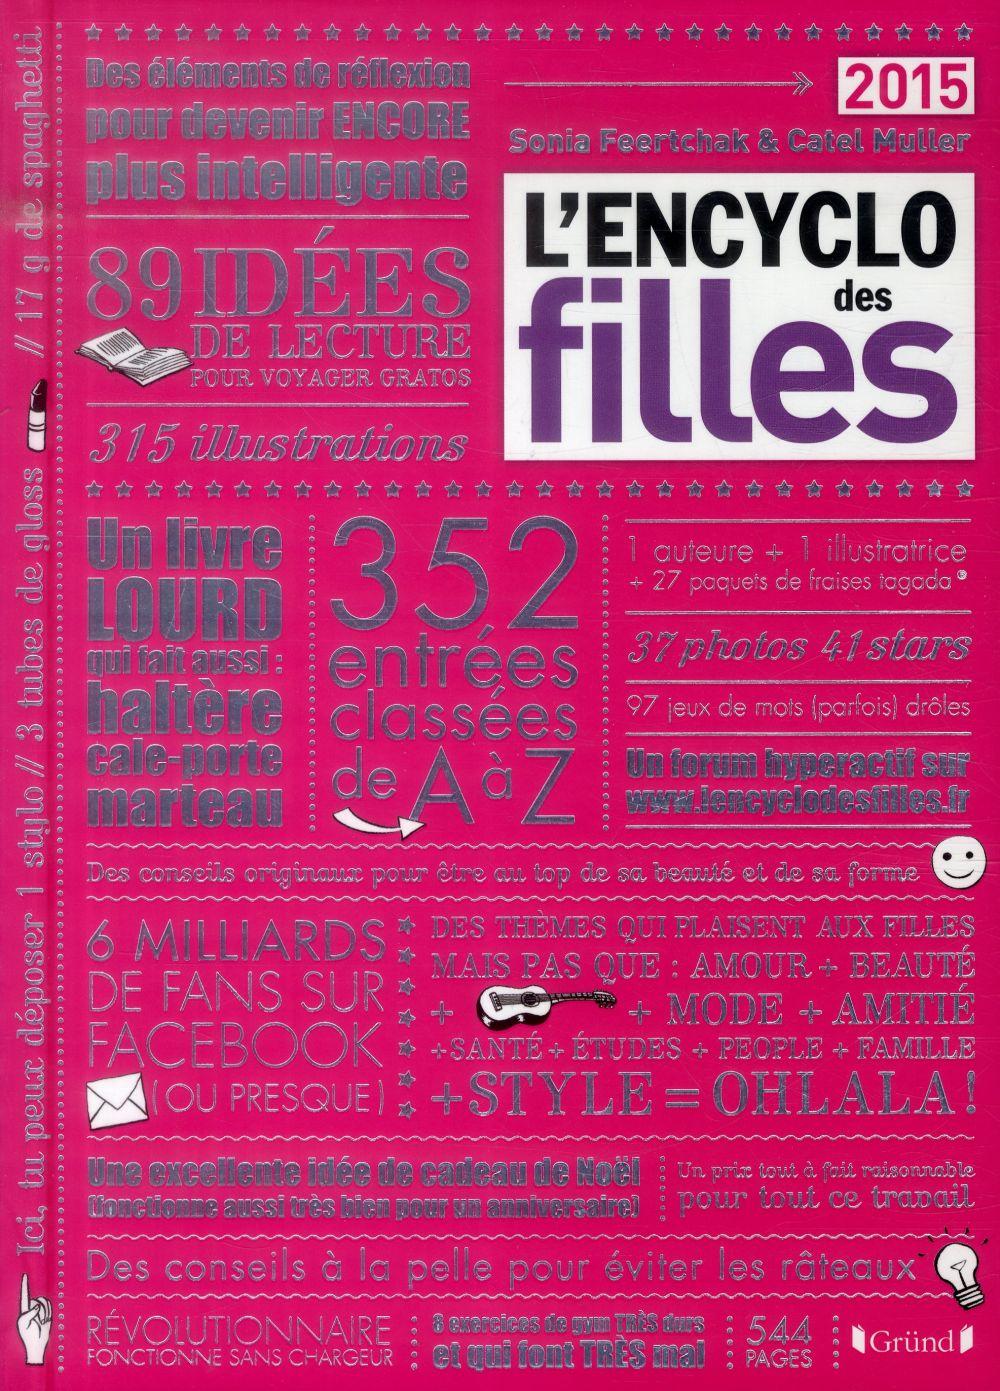 L'encyclo des filles (édition 2015)